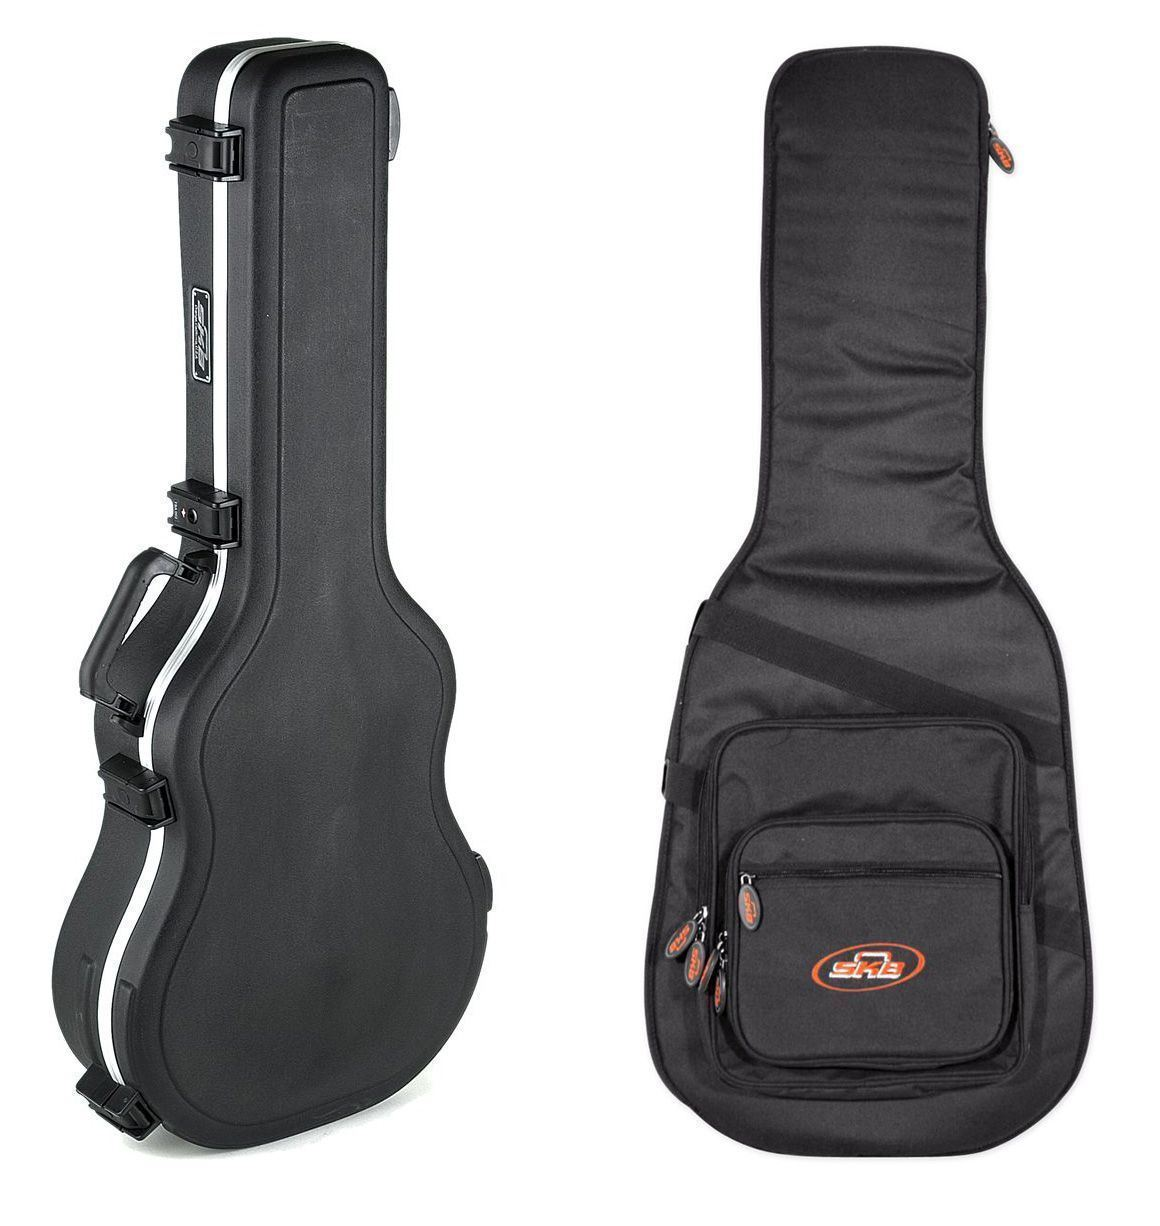 SKB 1SKB-30 Classic Hard Guitar Case+1KB-GB66 Soft Case by SKB